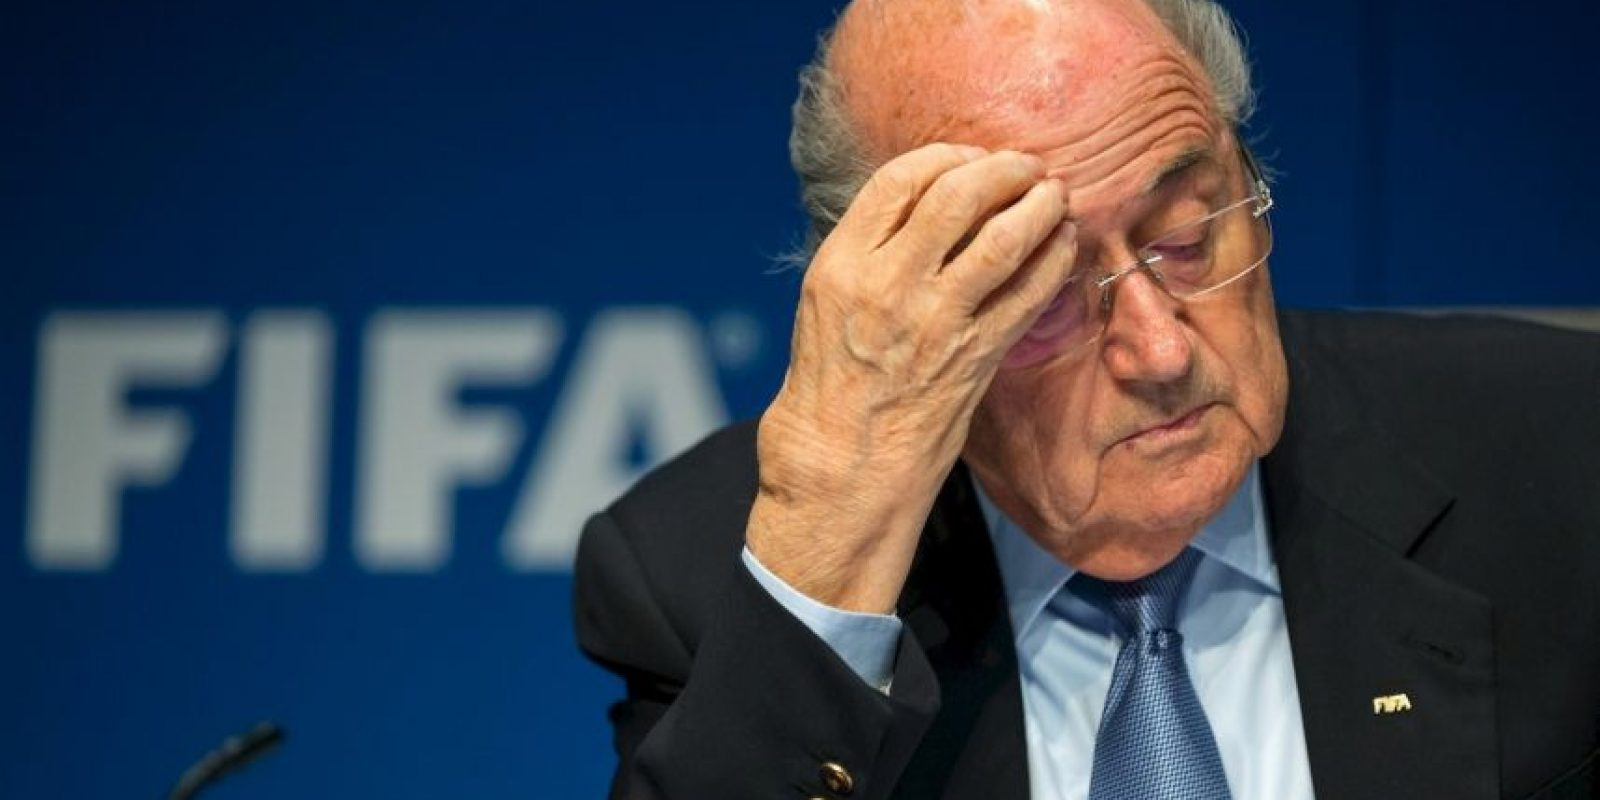 Desde que inició este escándalo, Blatter no ha aparecido de manera pública. Solamente lanzó un comunicado el día de ayer en el que mencionó que apoyaba las investigaciones. Foto:Getty Images